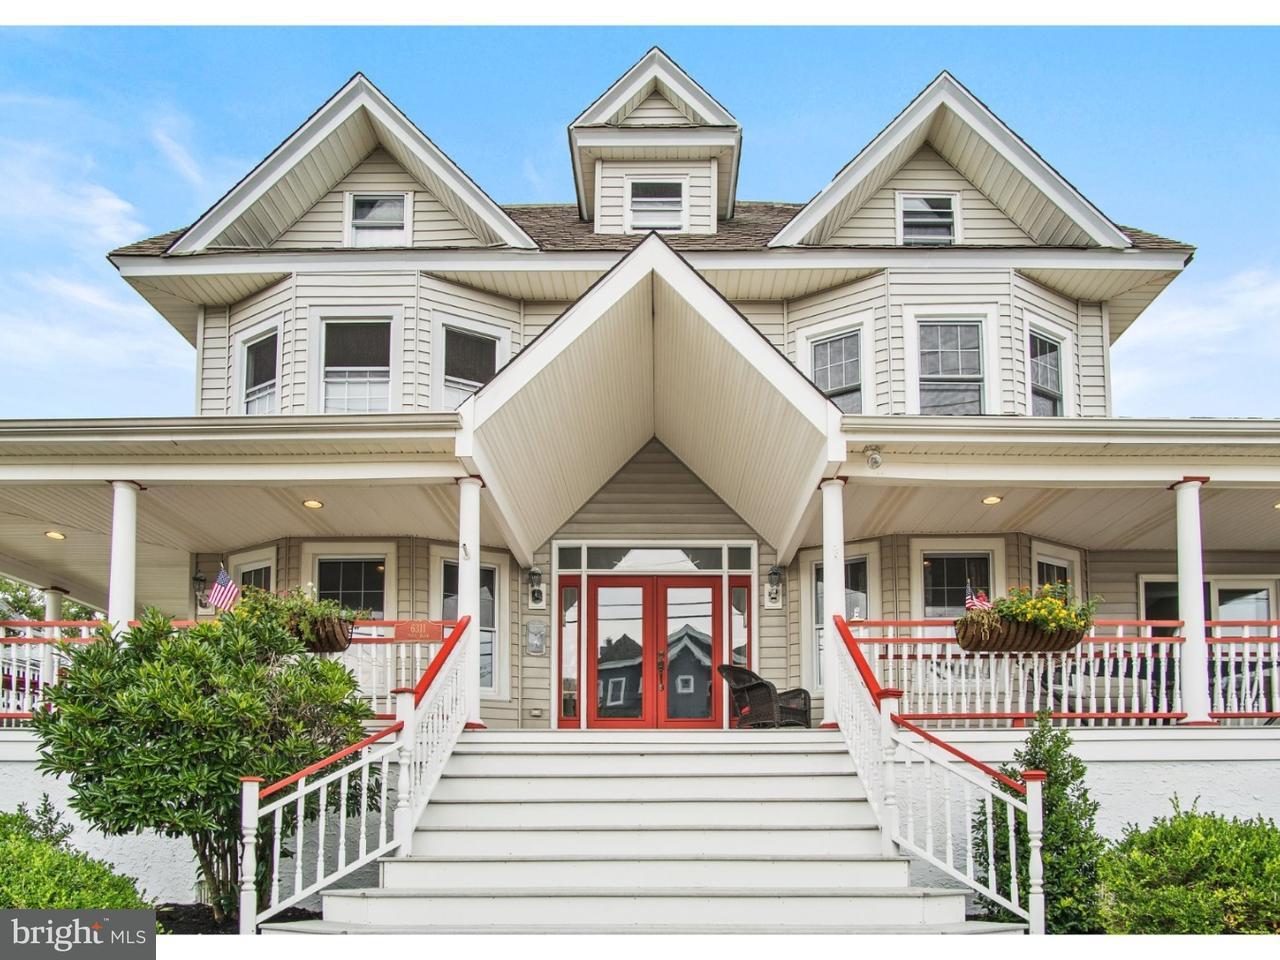 Maison unifamiliale pour l Vente à 6311 PARK BLVD Wildwood, New Jersey 08260 États-Unis